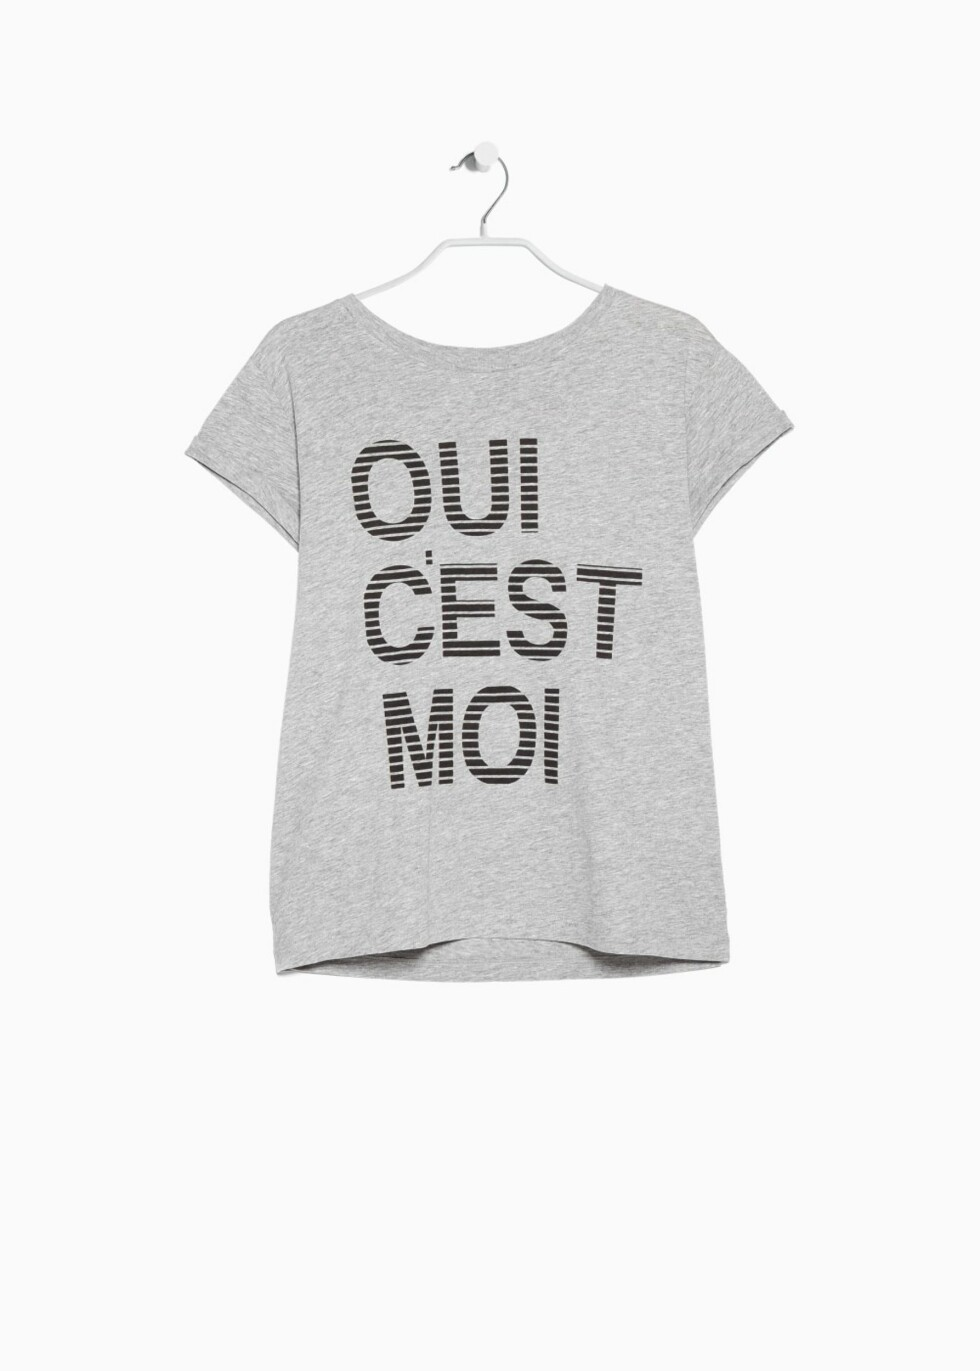 T-skjorte fra Mango, kr 39. Foto: Produsenten